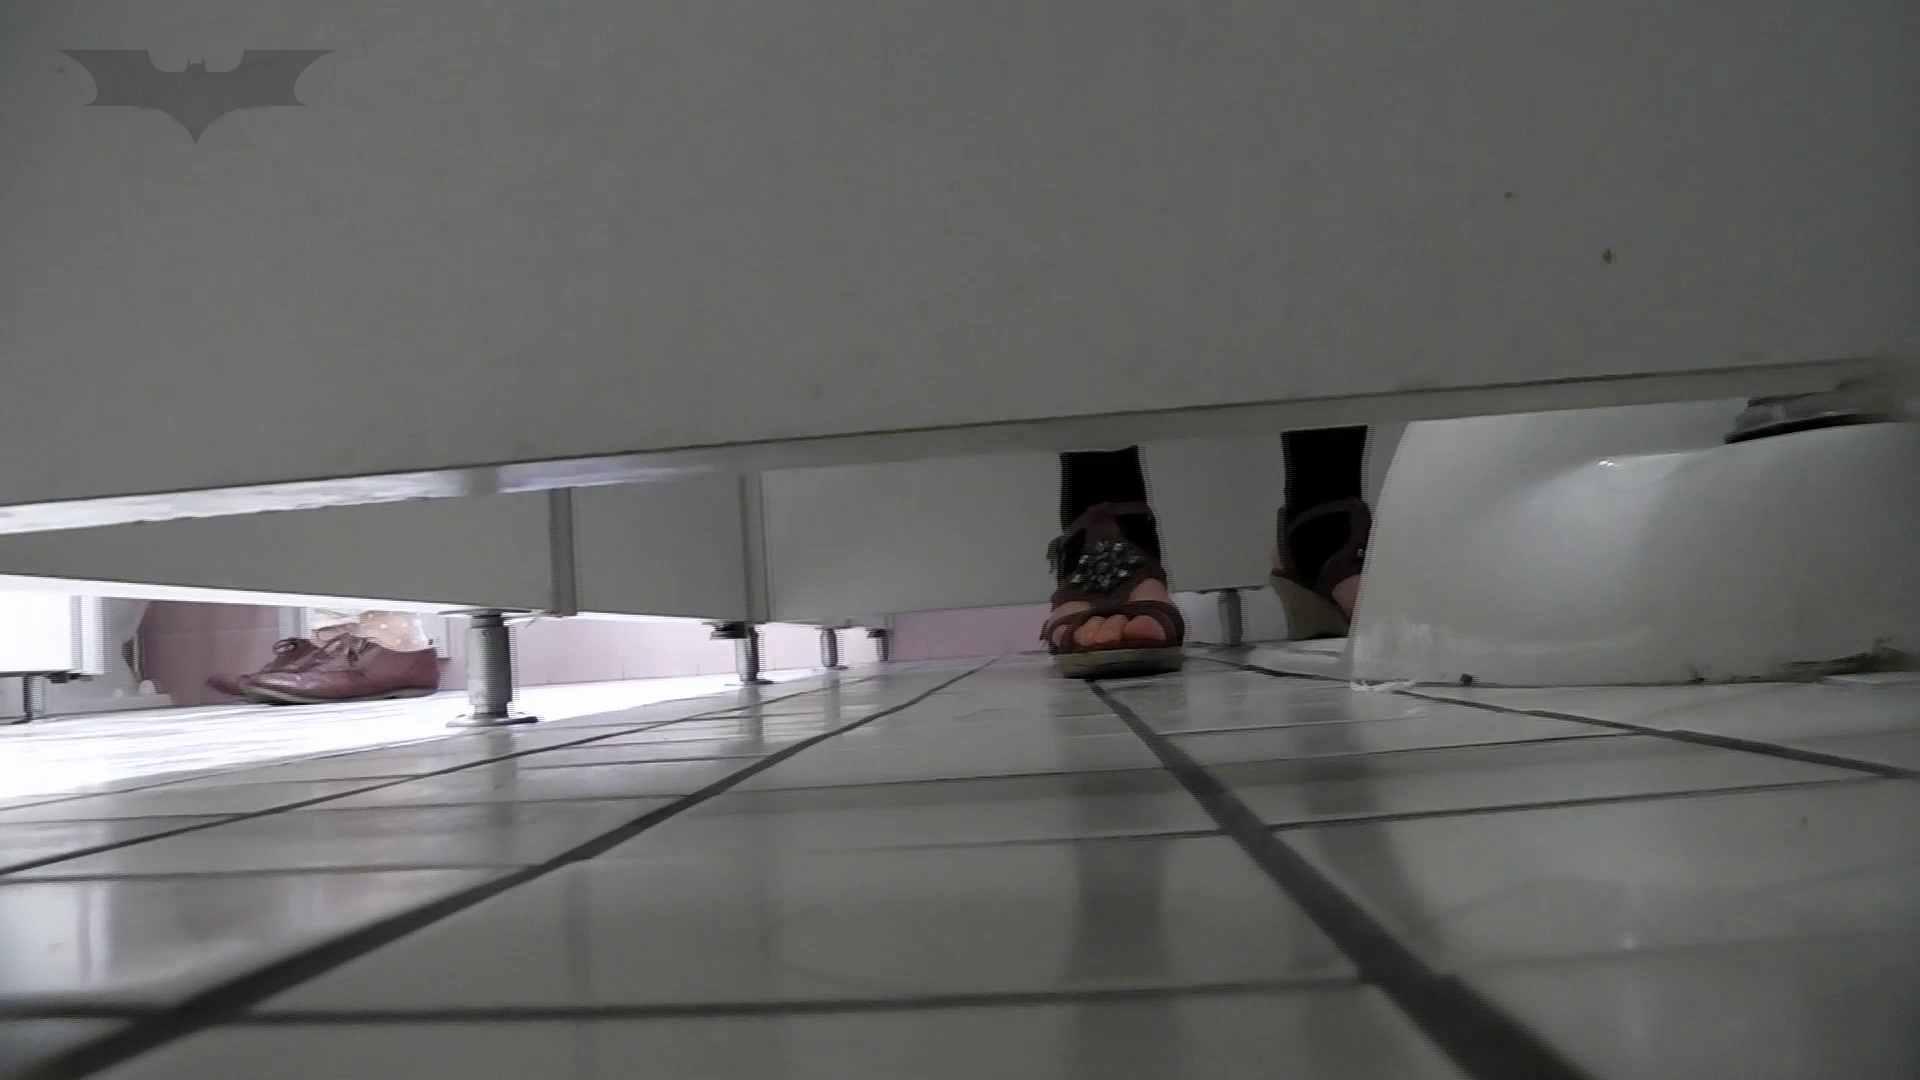 美しい日本の未来 No.37 モデルを追跡したら【2015・24位】 洗面所のぞき AV動画キャプチャ 96枚 20